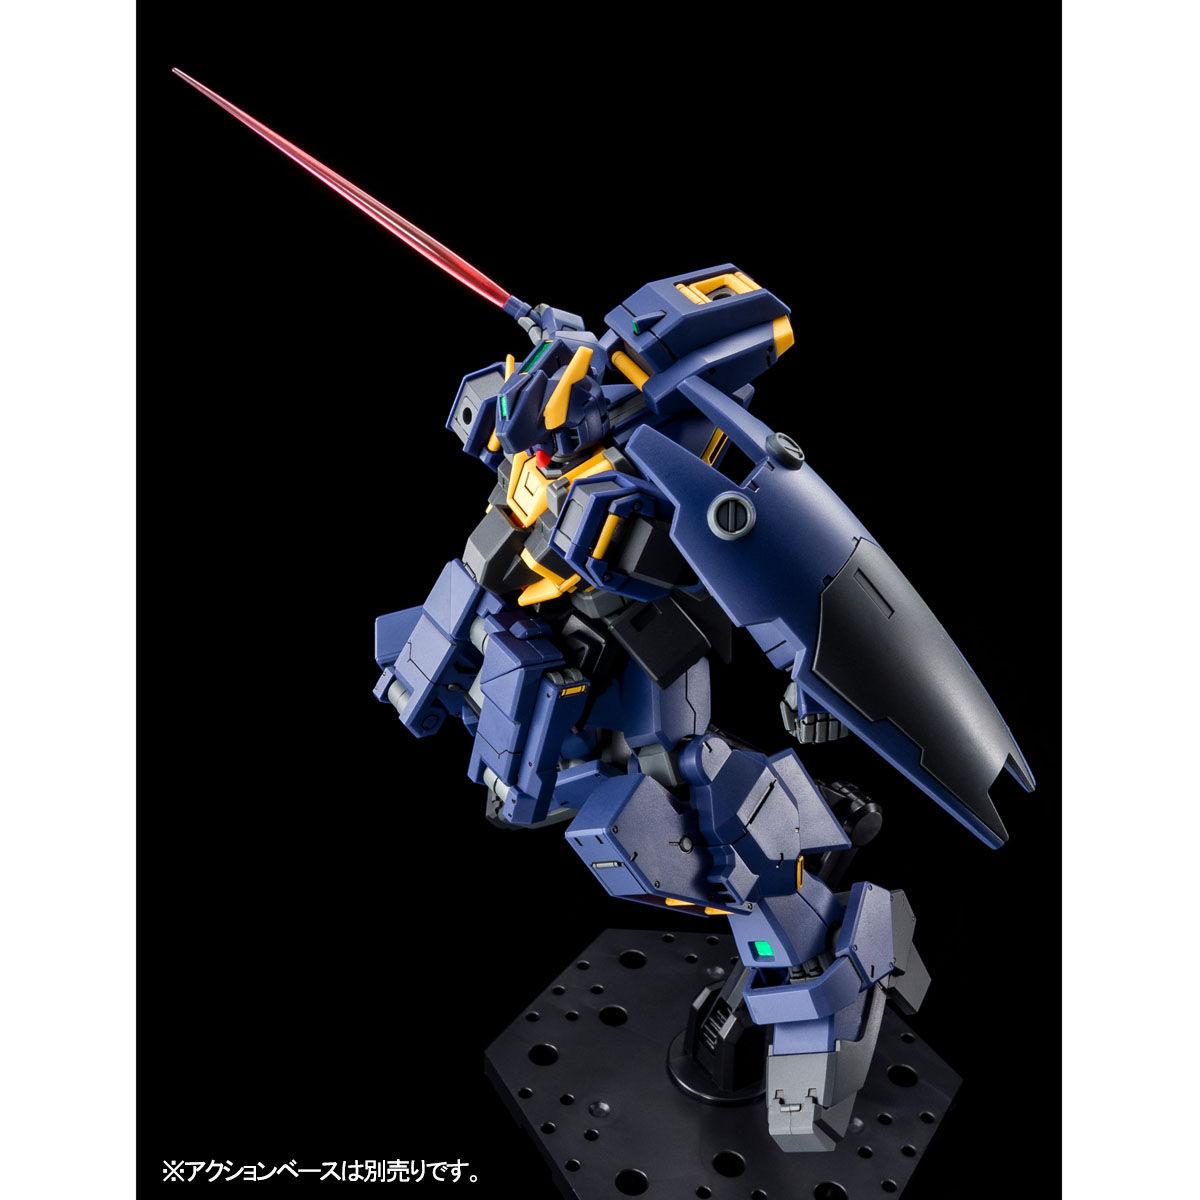 【限定販売】HG 1/144『ガンダムTR-1 次世代量産機(実戦配備カラー)』プラモデル-005